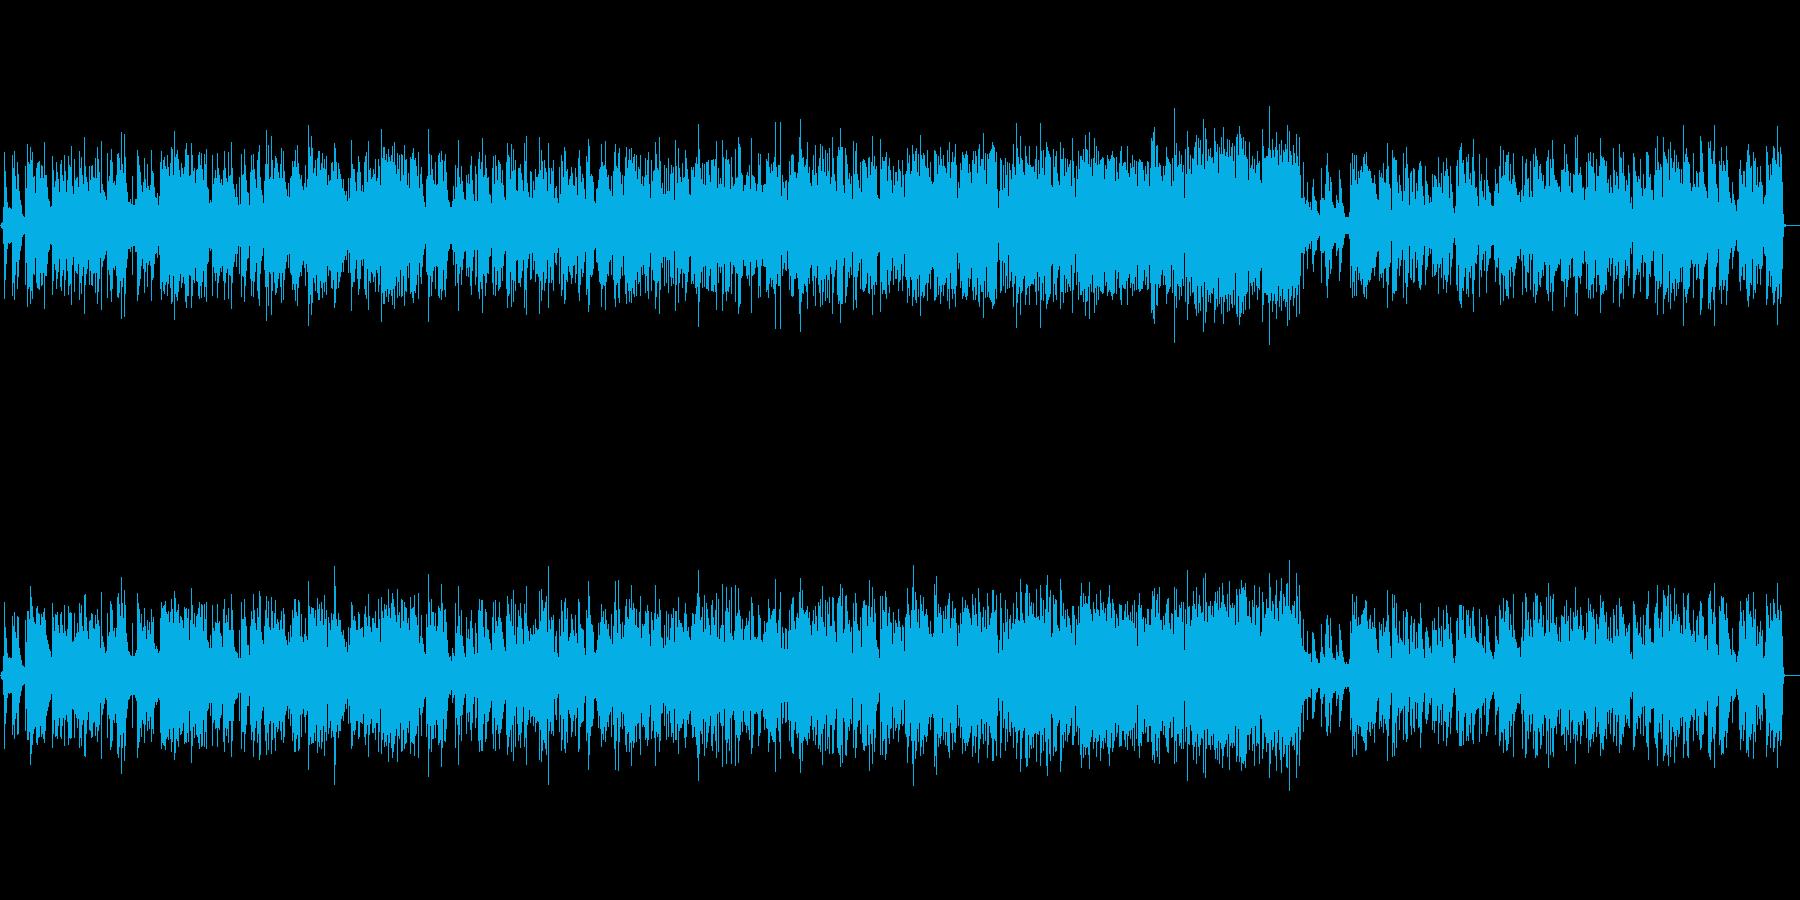 少し怪しい雰囲気のワルツの再生済みの波形